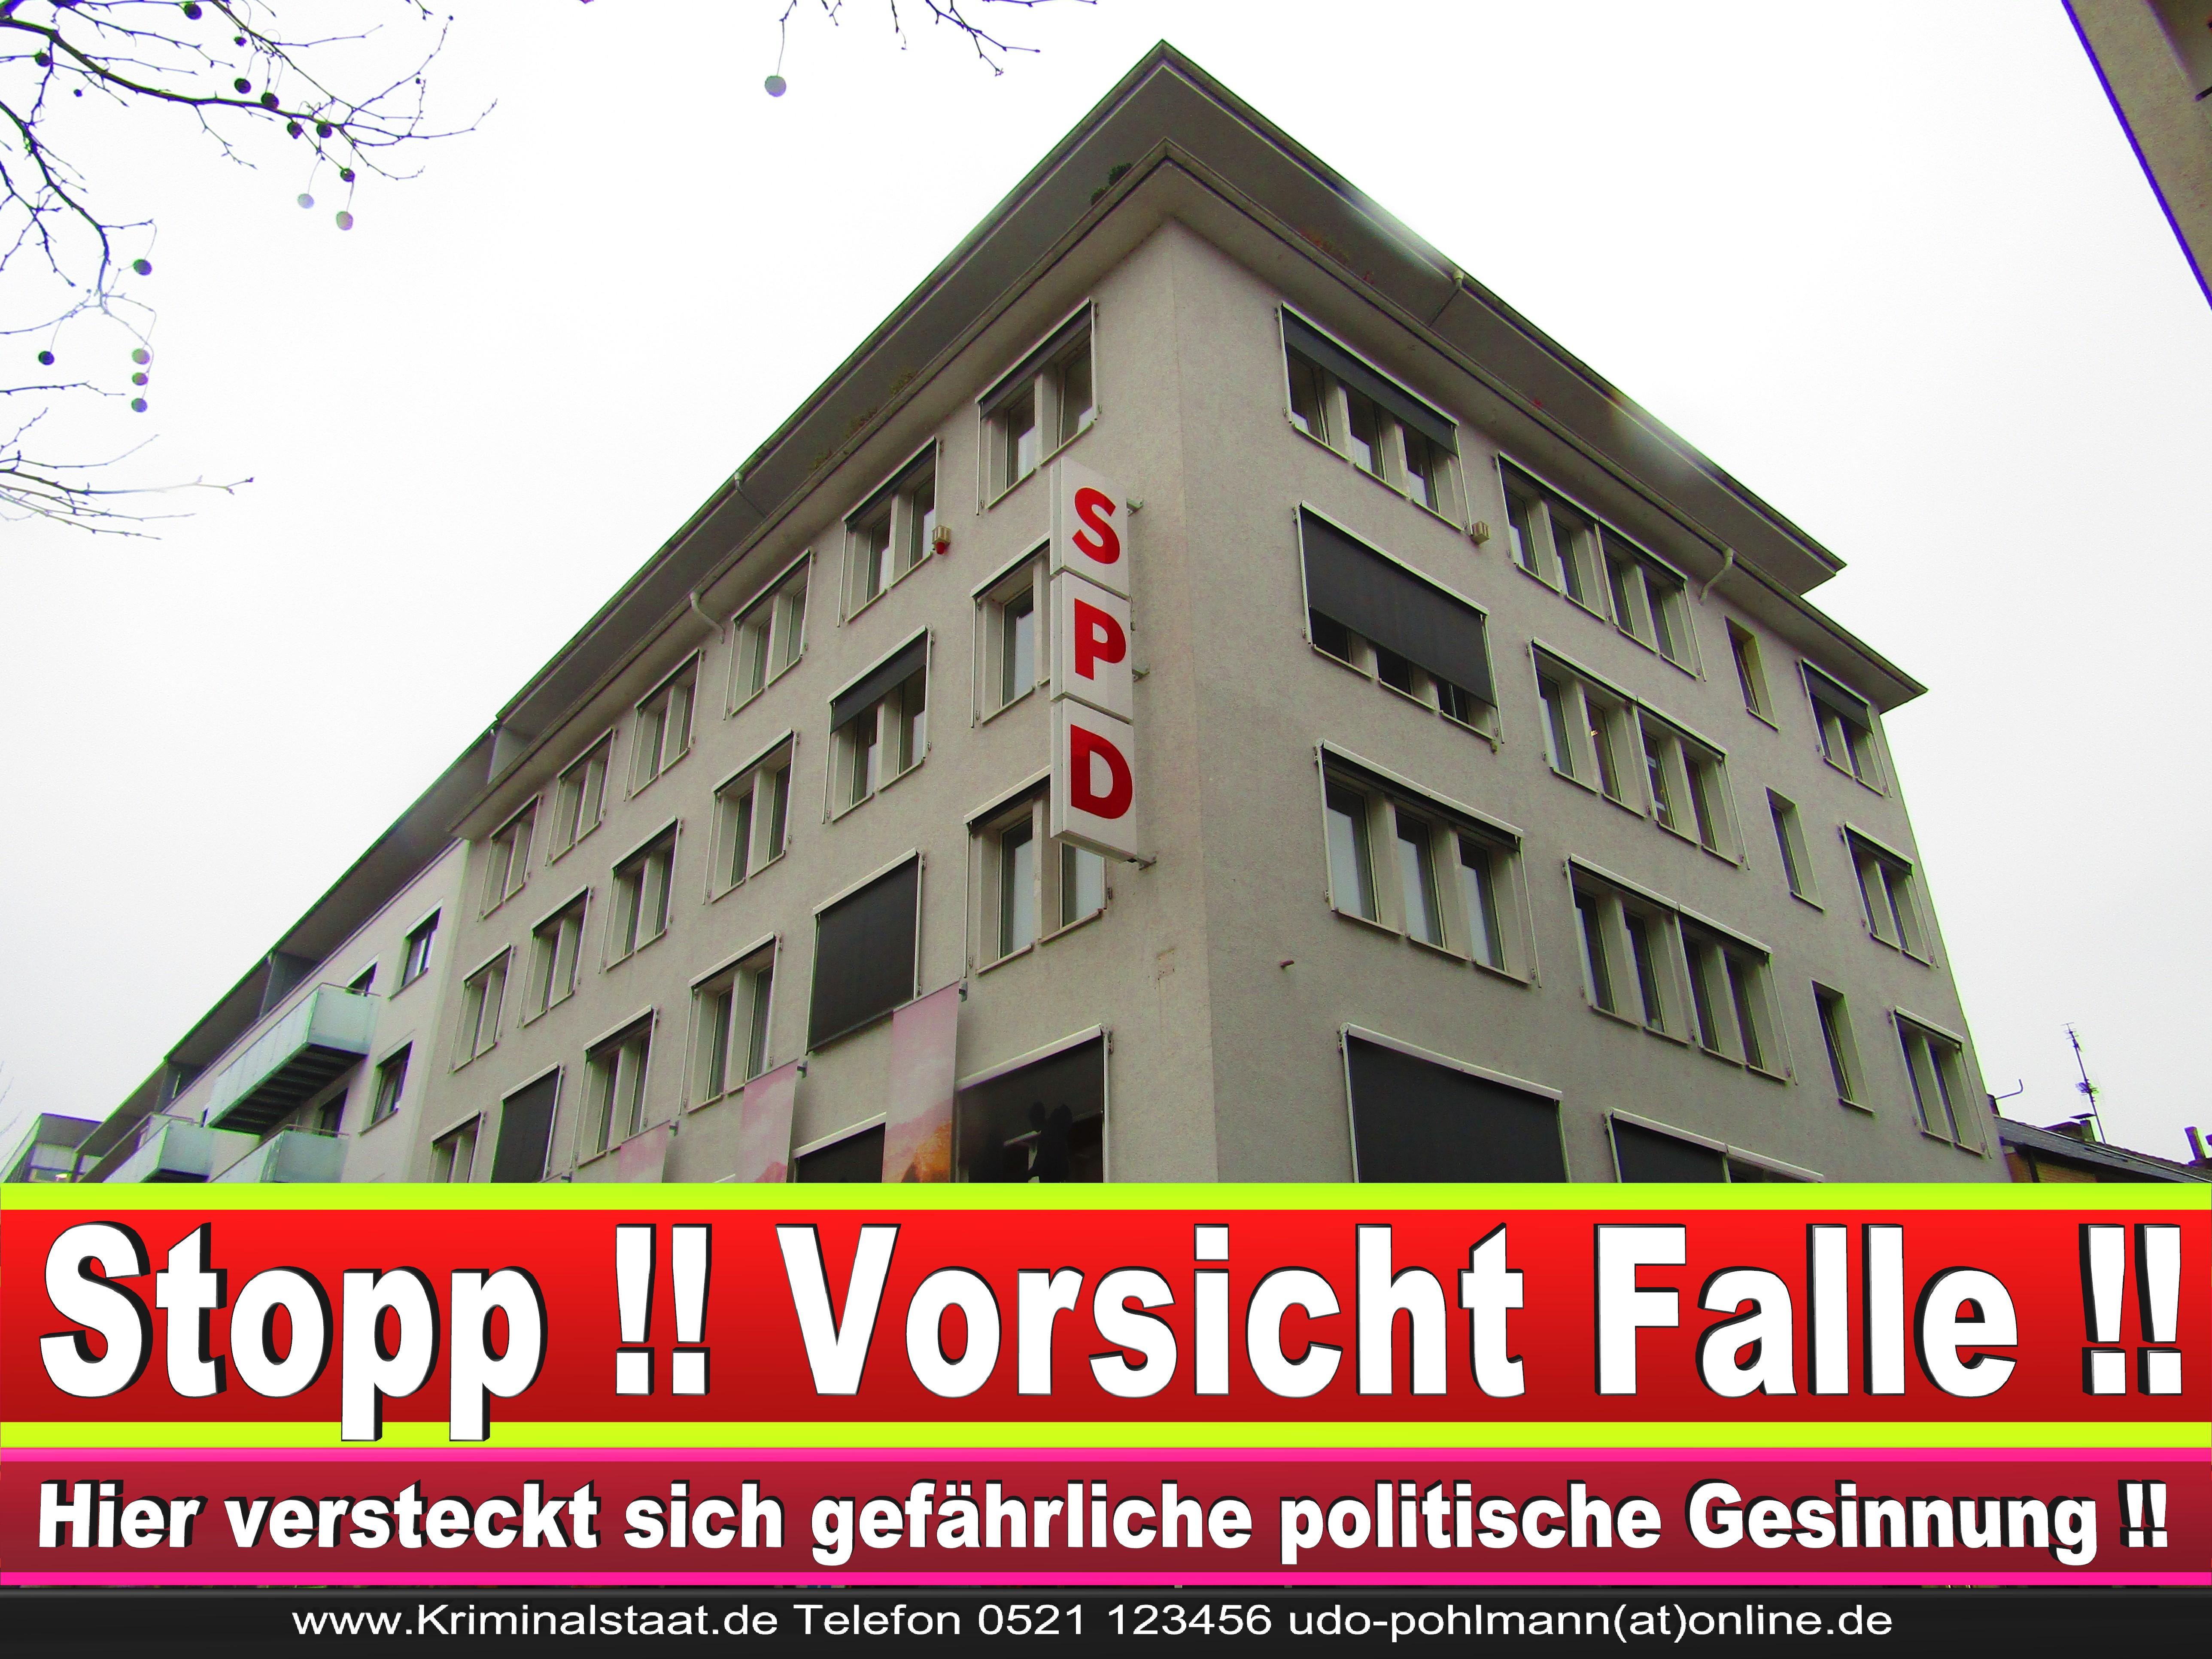 SPD DORTMUND BüRGERBüRO SPD ORTSVERBAND RAT STADT RATSMITGLIEDER SPD FRAKTION GESCHäFTSSTELLE SPD NRW ADRESSE (17) 2